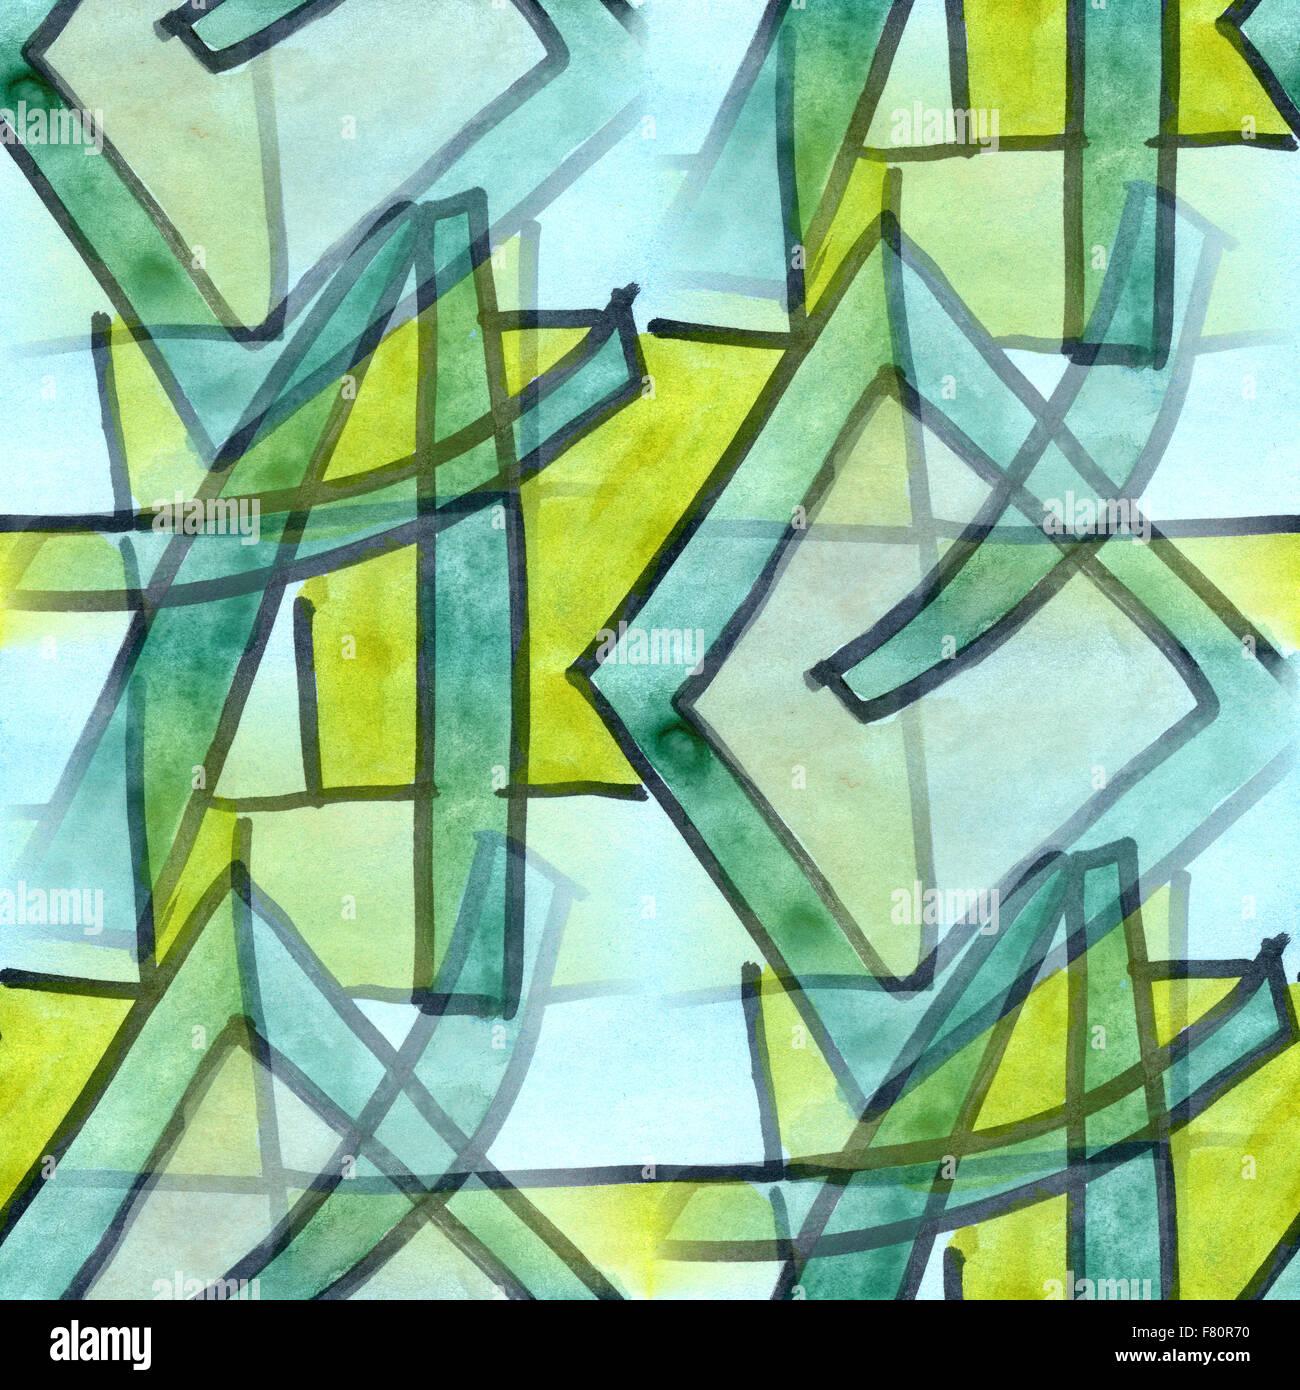 Außergewöhnlich Kubismus Künstler Galerie Von Grün Blaue Linien Nahtlose Textur Aquarell Künstler